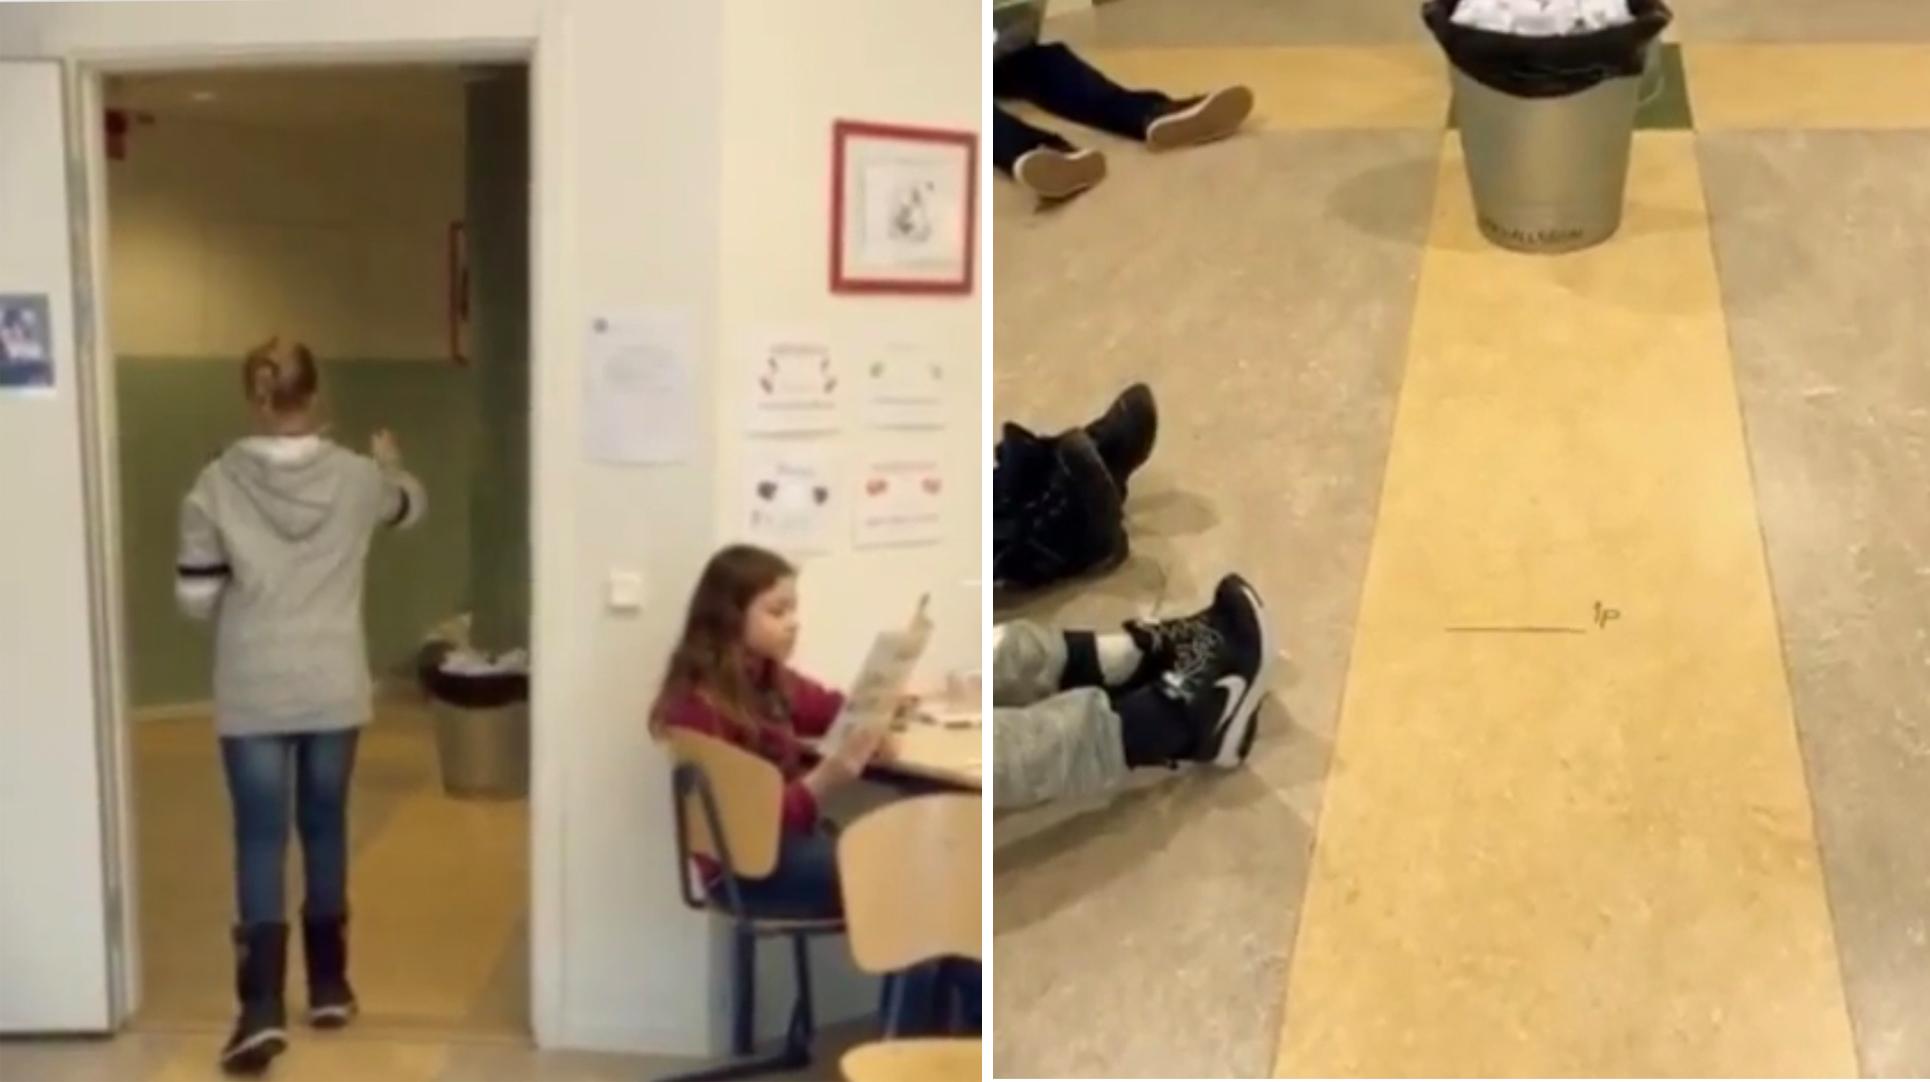 ActiveS - Sveriges Piggaste Klassrum - Utbildning Silverdal Åk 5b, Sollentuna